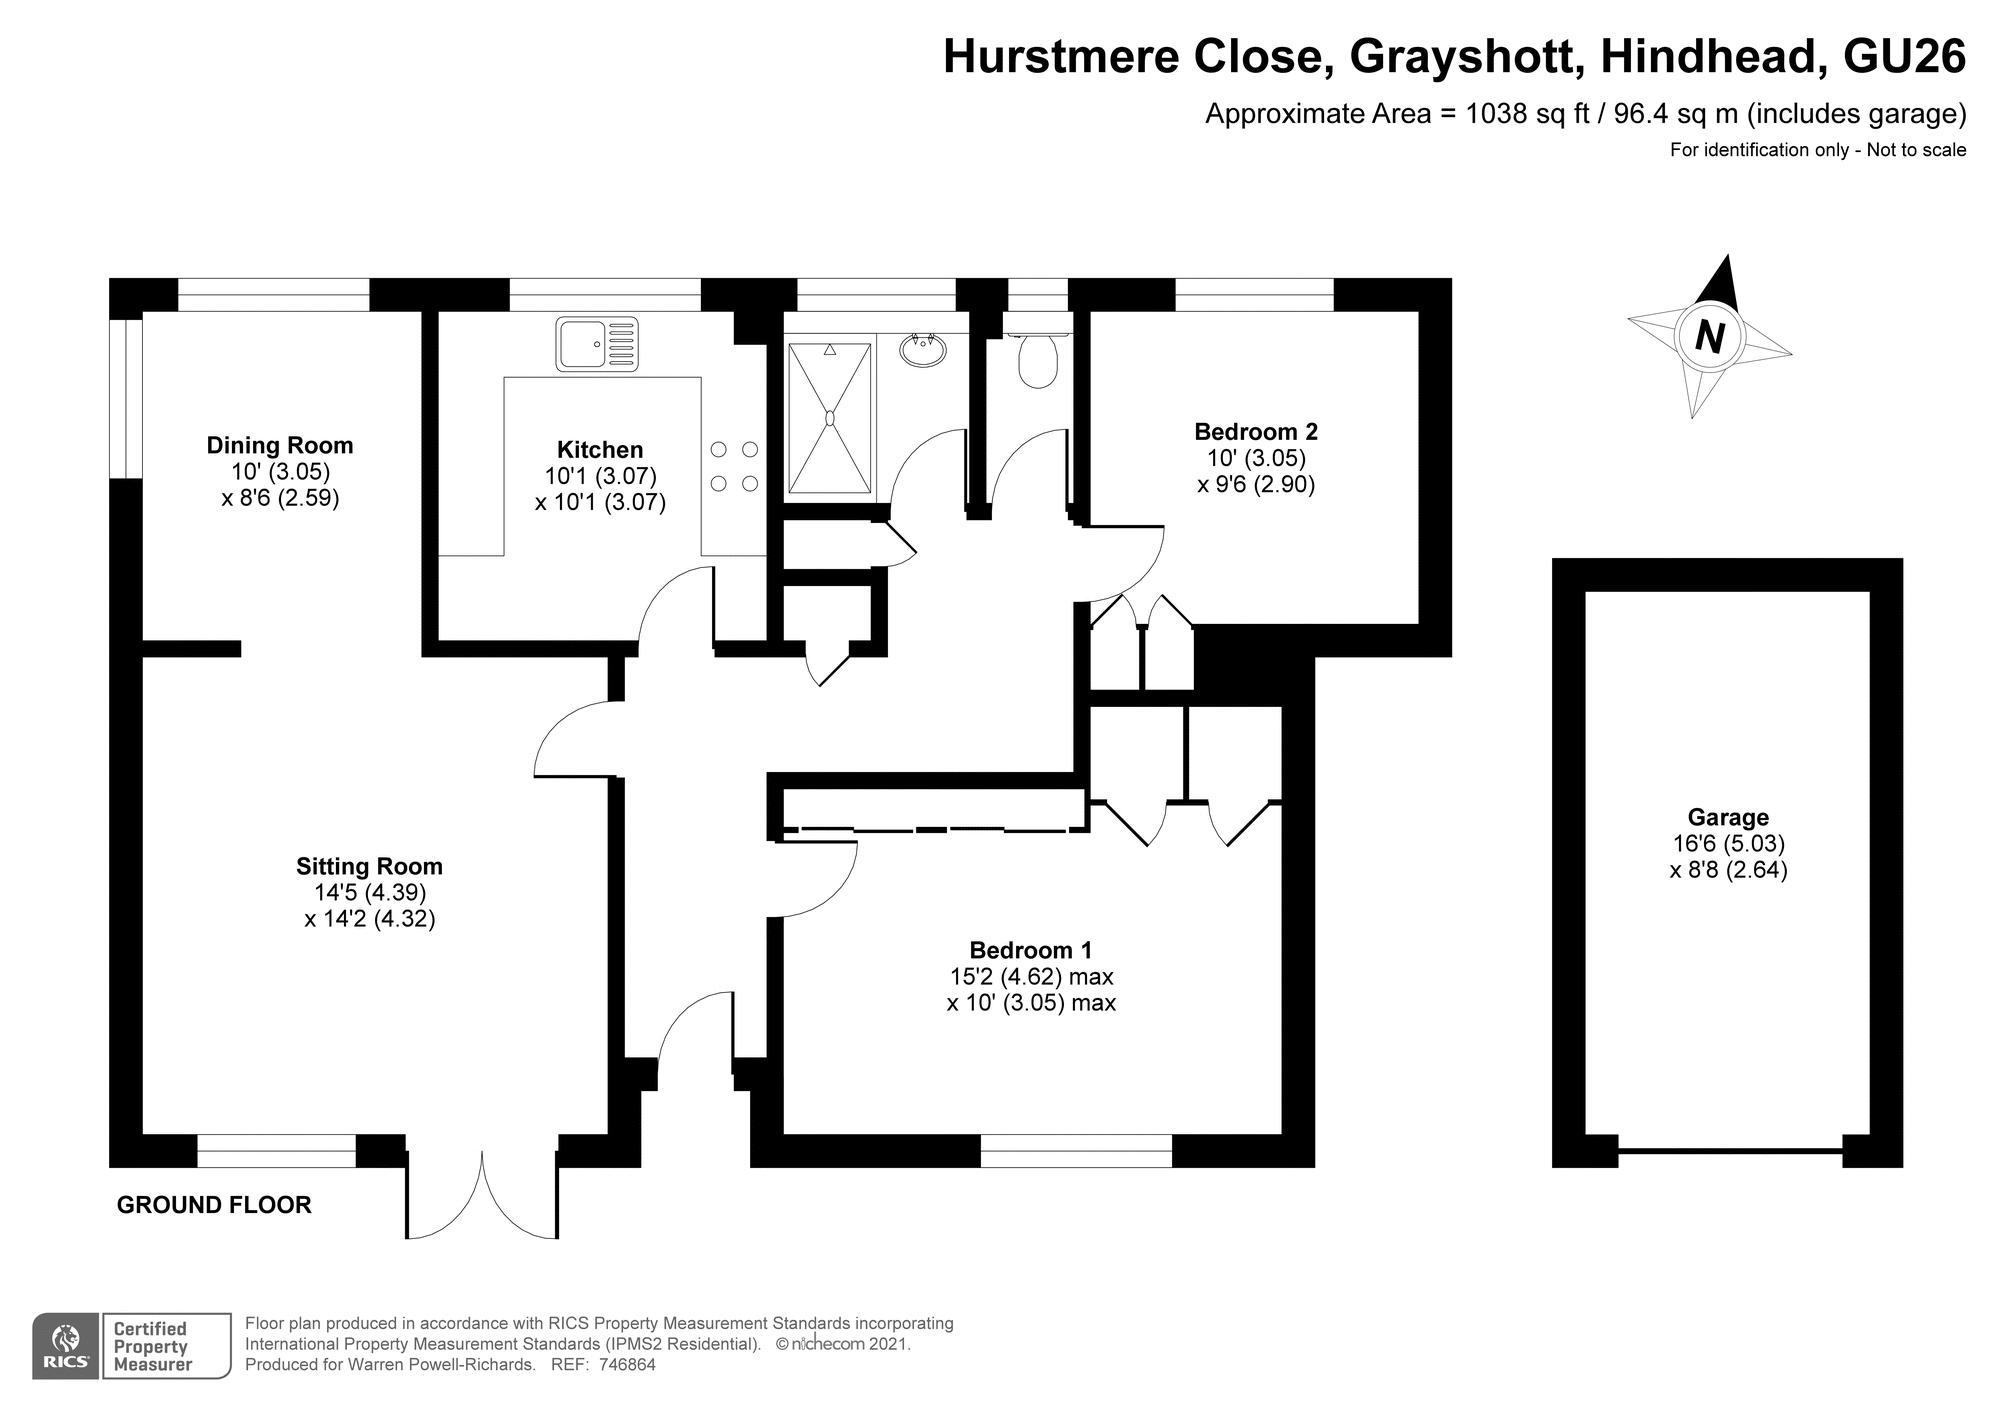 Hurstmere Close Grayshott